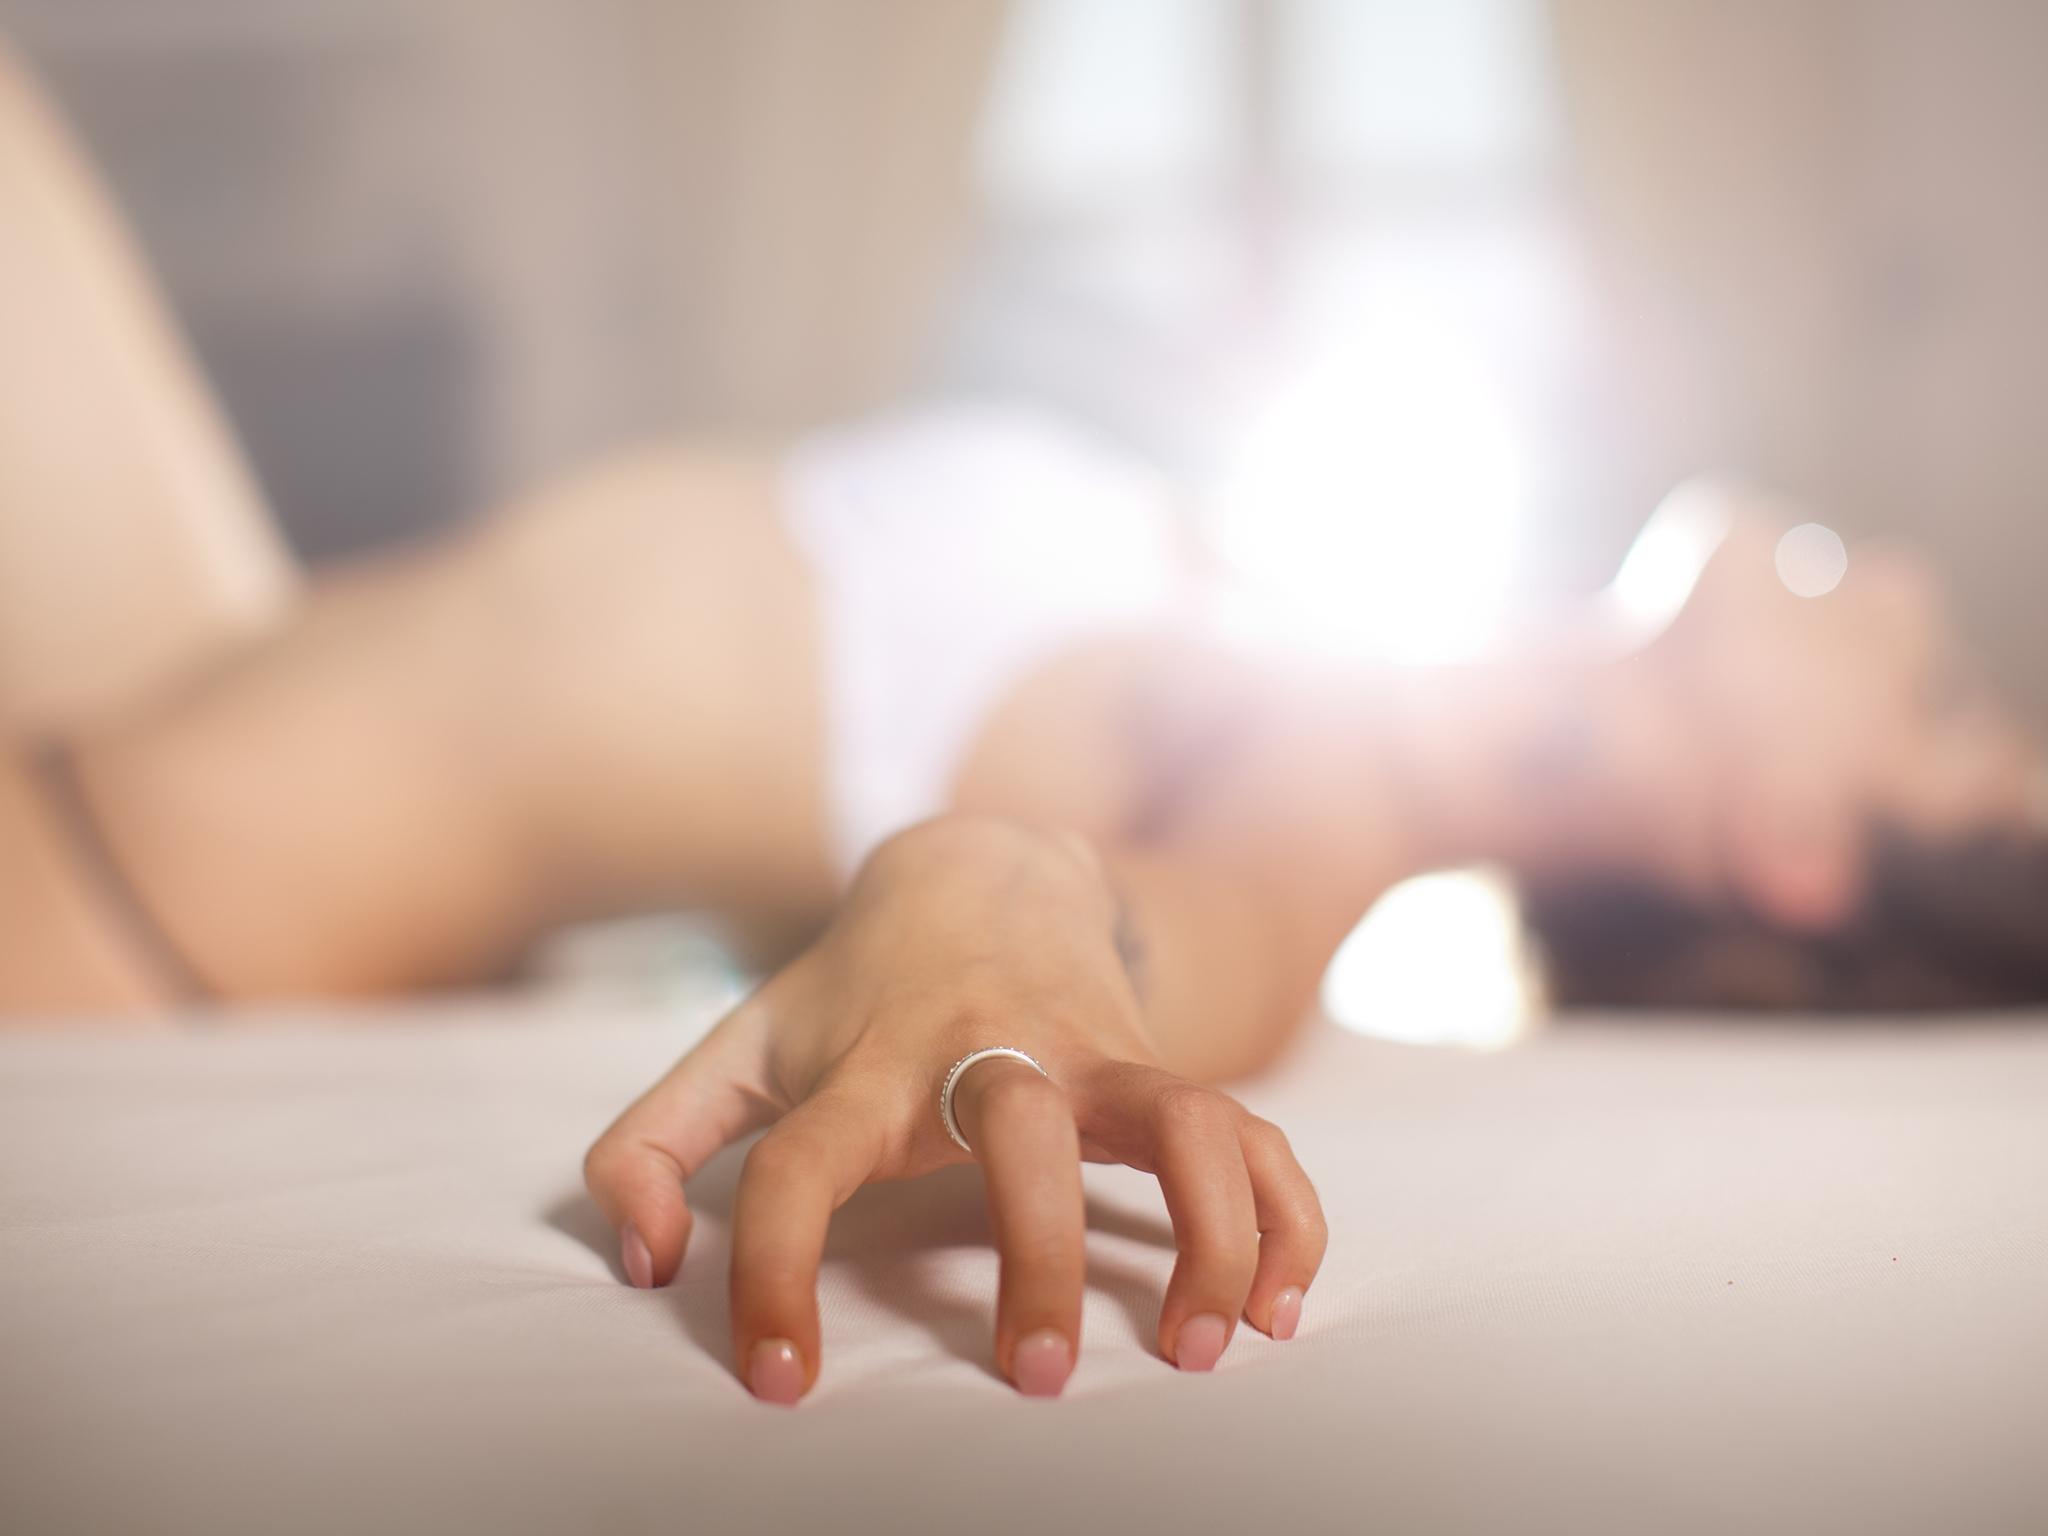 orgasm1 - オーガズムに関した10つの事実